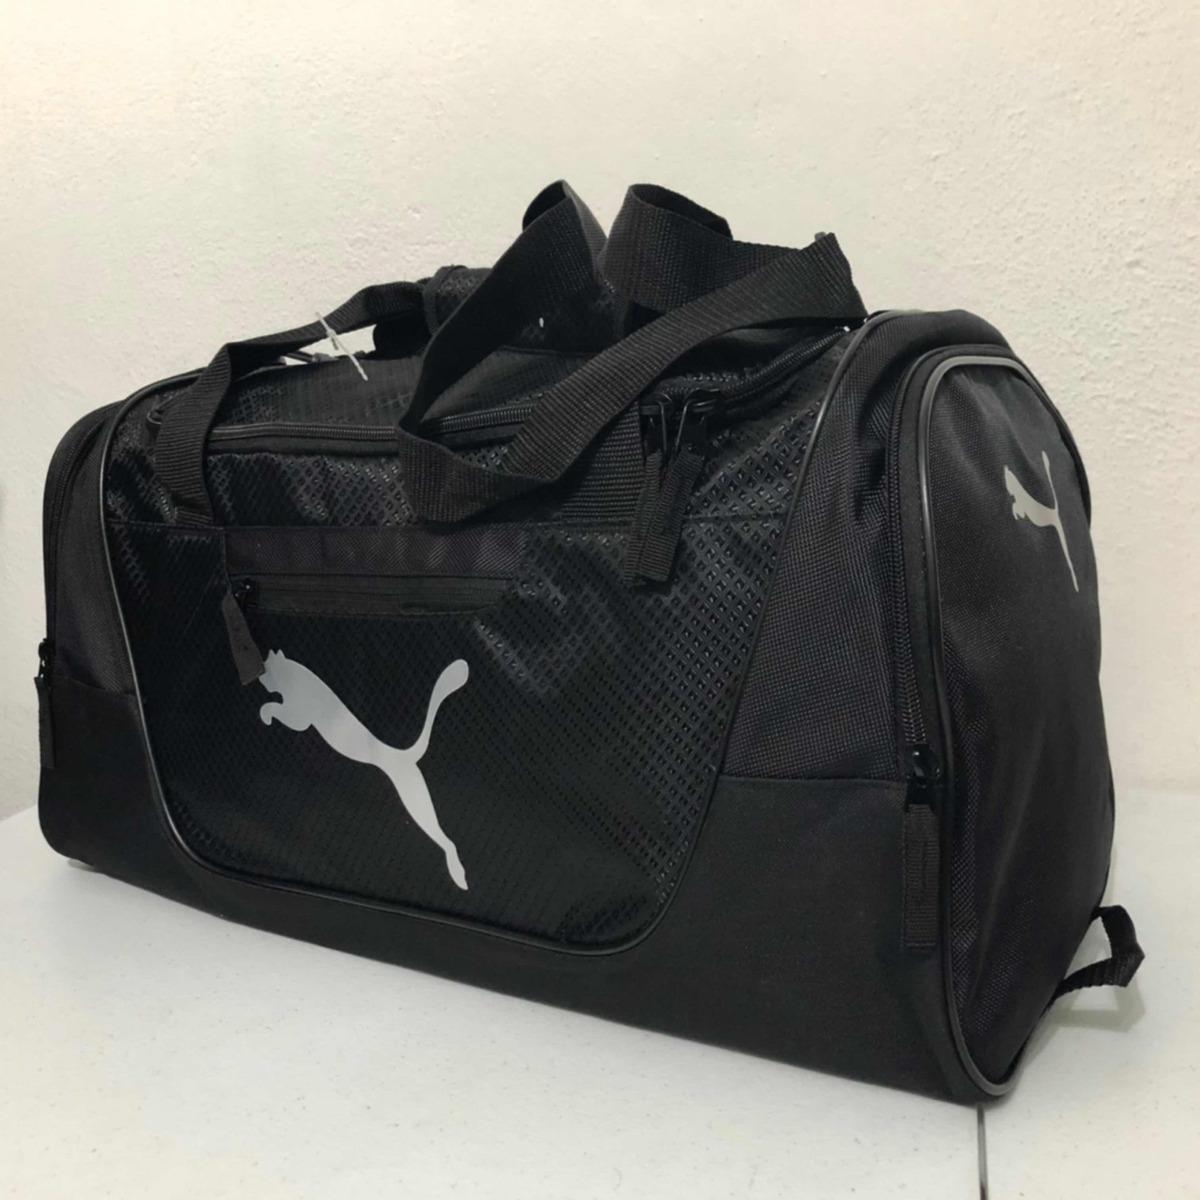 d3433f7dc Maleta Puma Contender 3 Black Gym Viaje 100% Original - $ 799.00 en ...